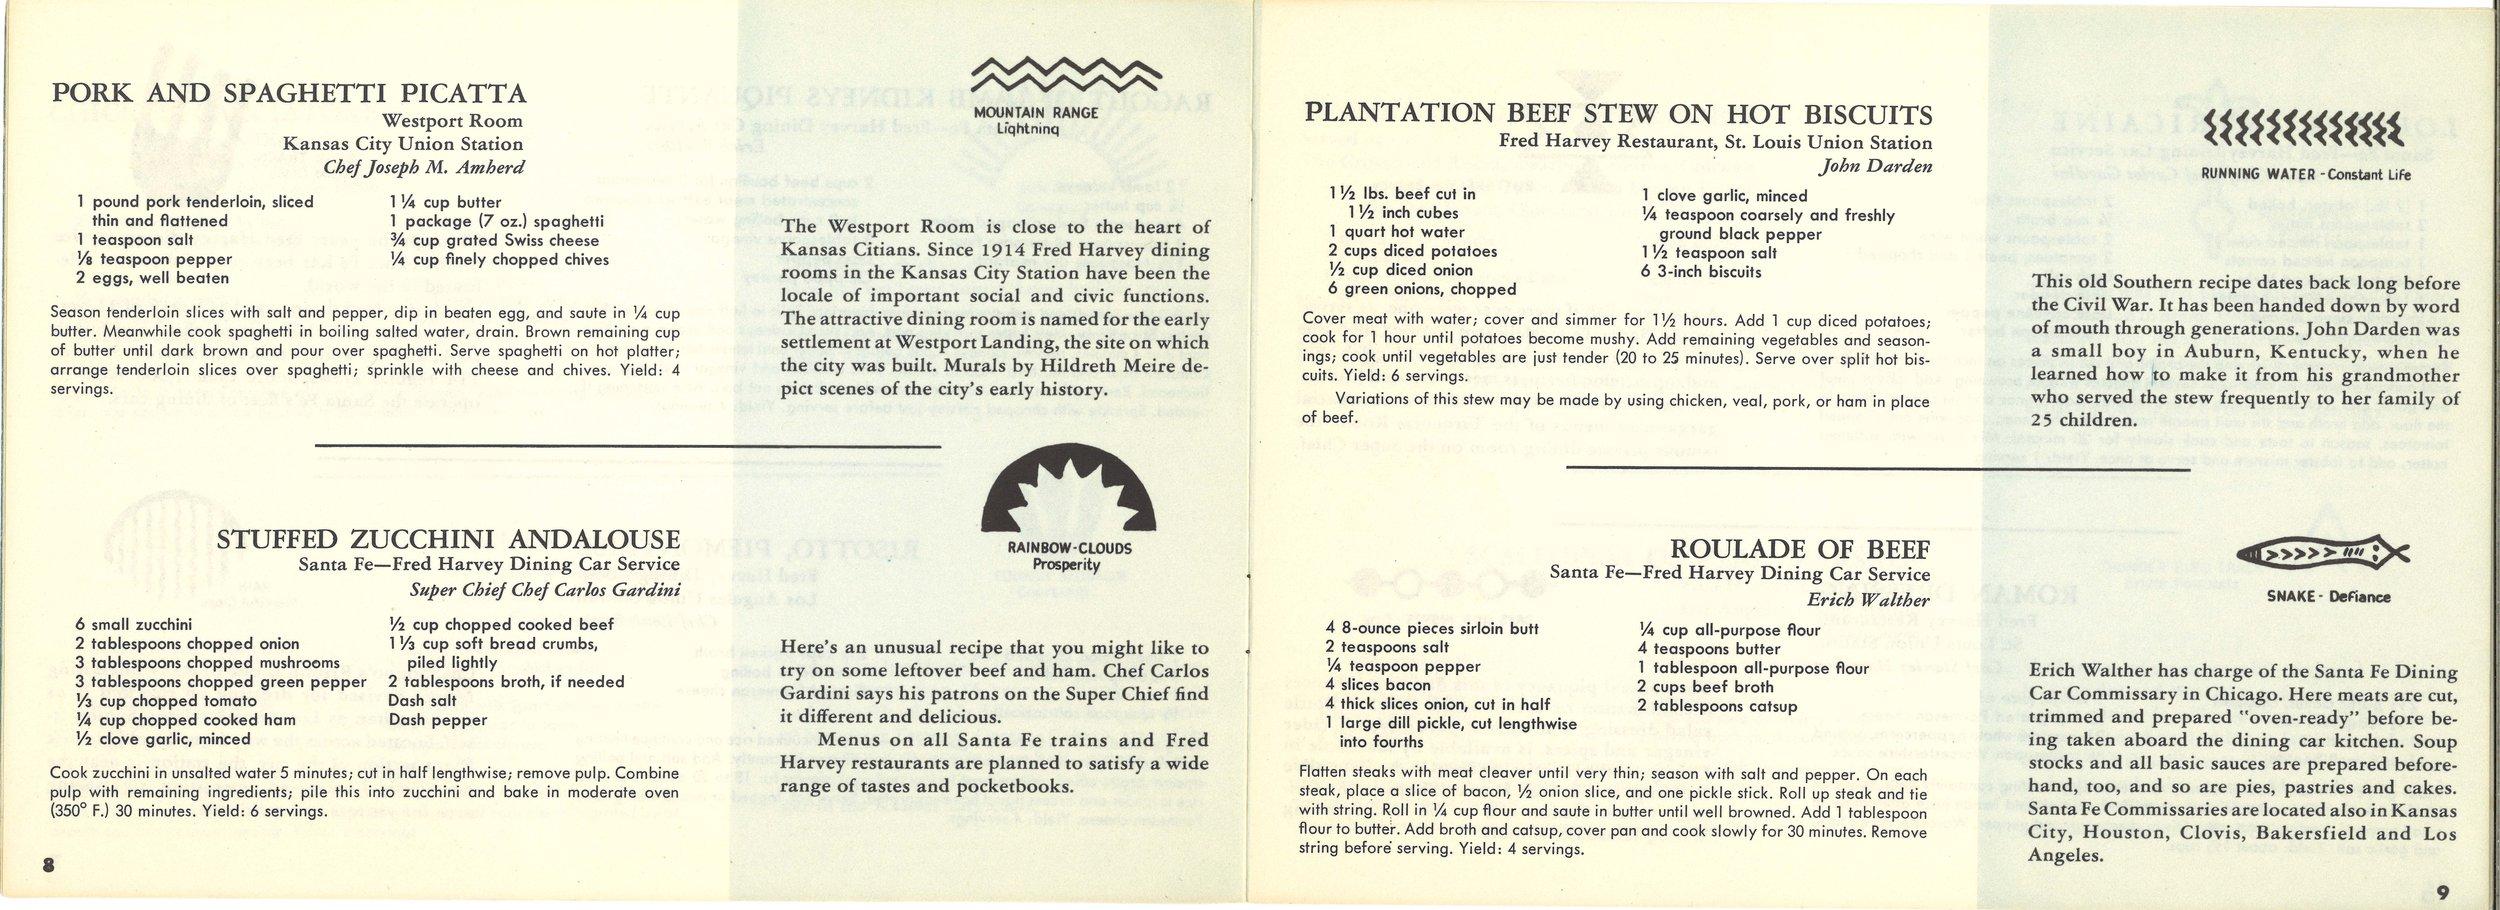 Super Chief Cook Book_4.jpg